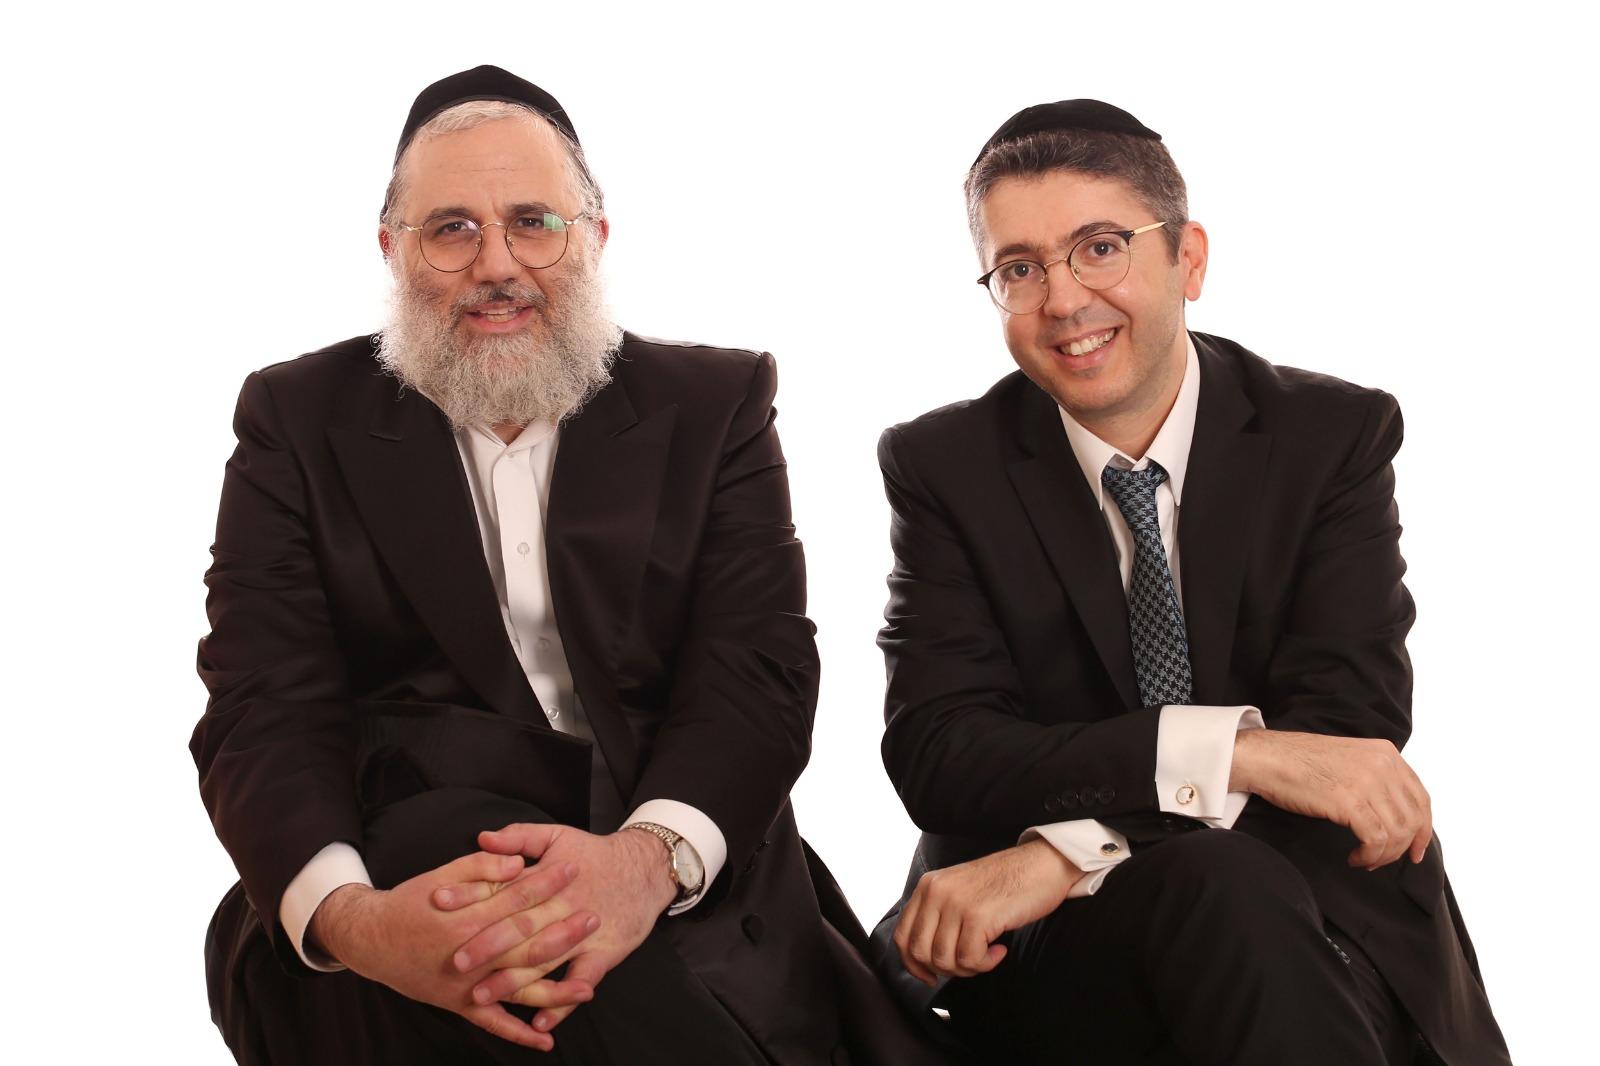 שלמה כהן & עמי כהן - צילום אביטל בראון